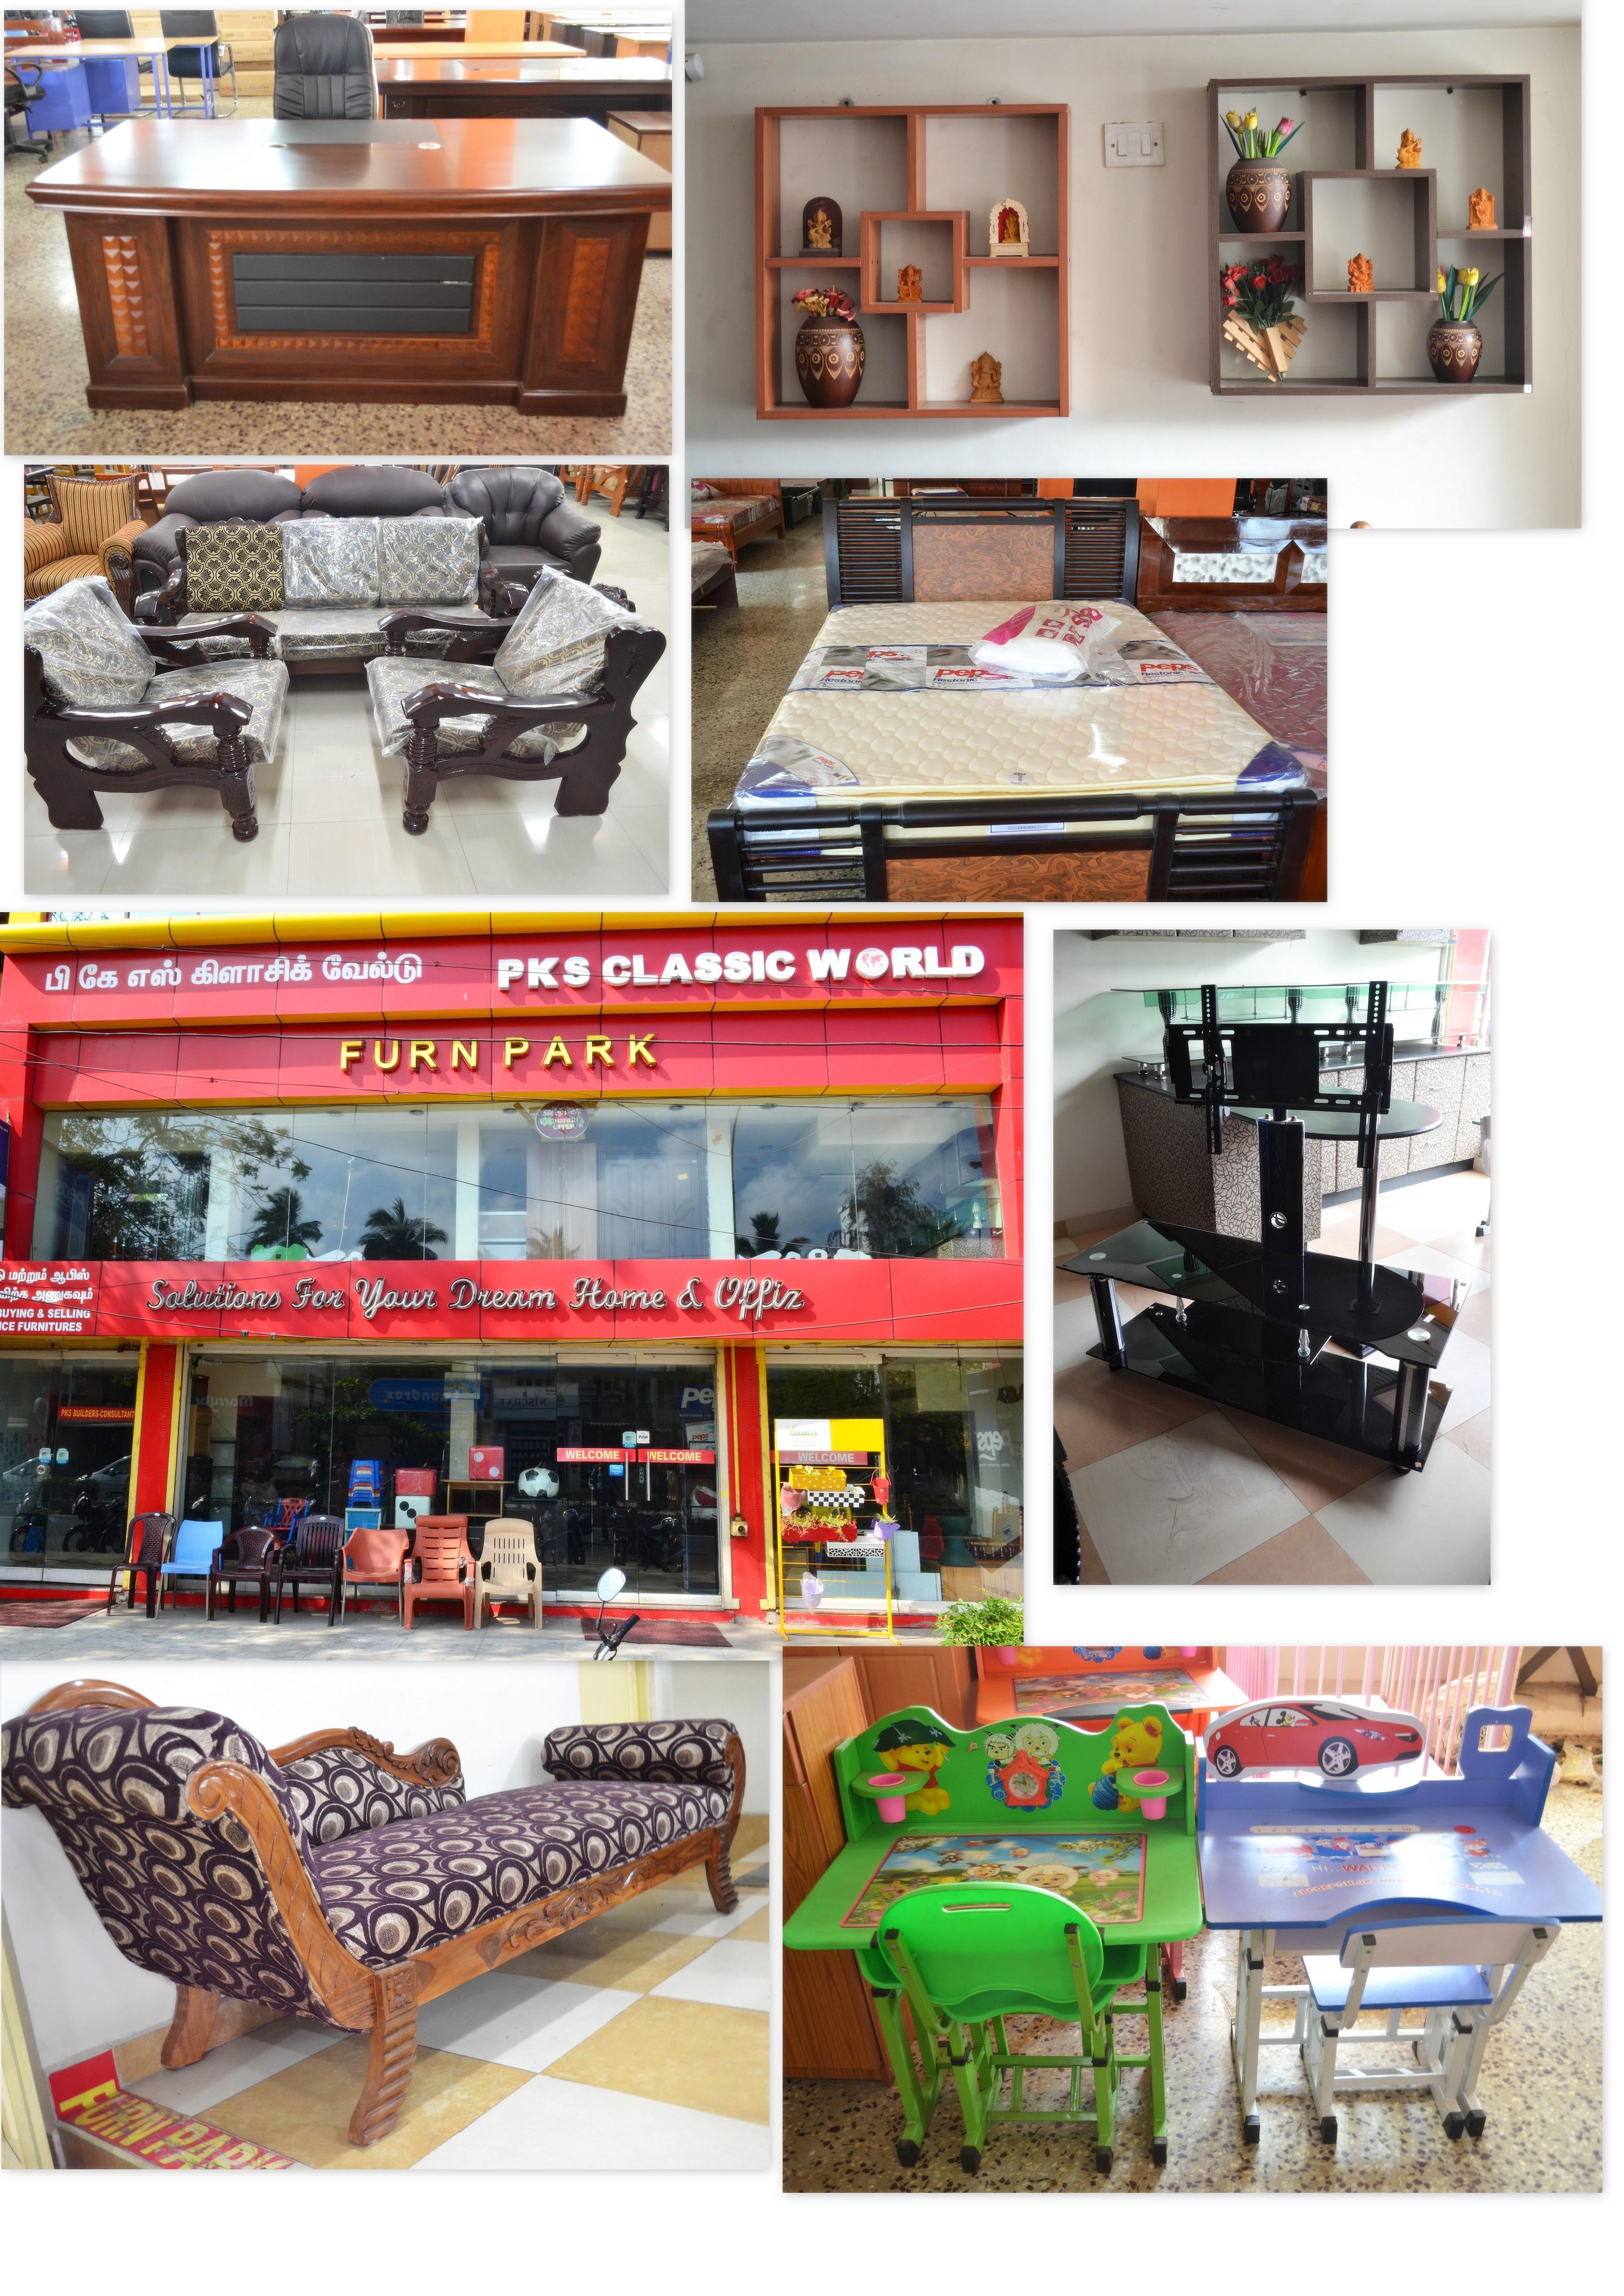 PKS Classic World Furn Park